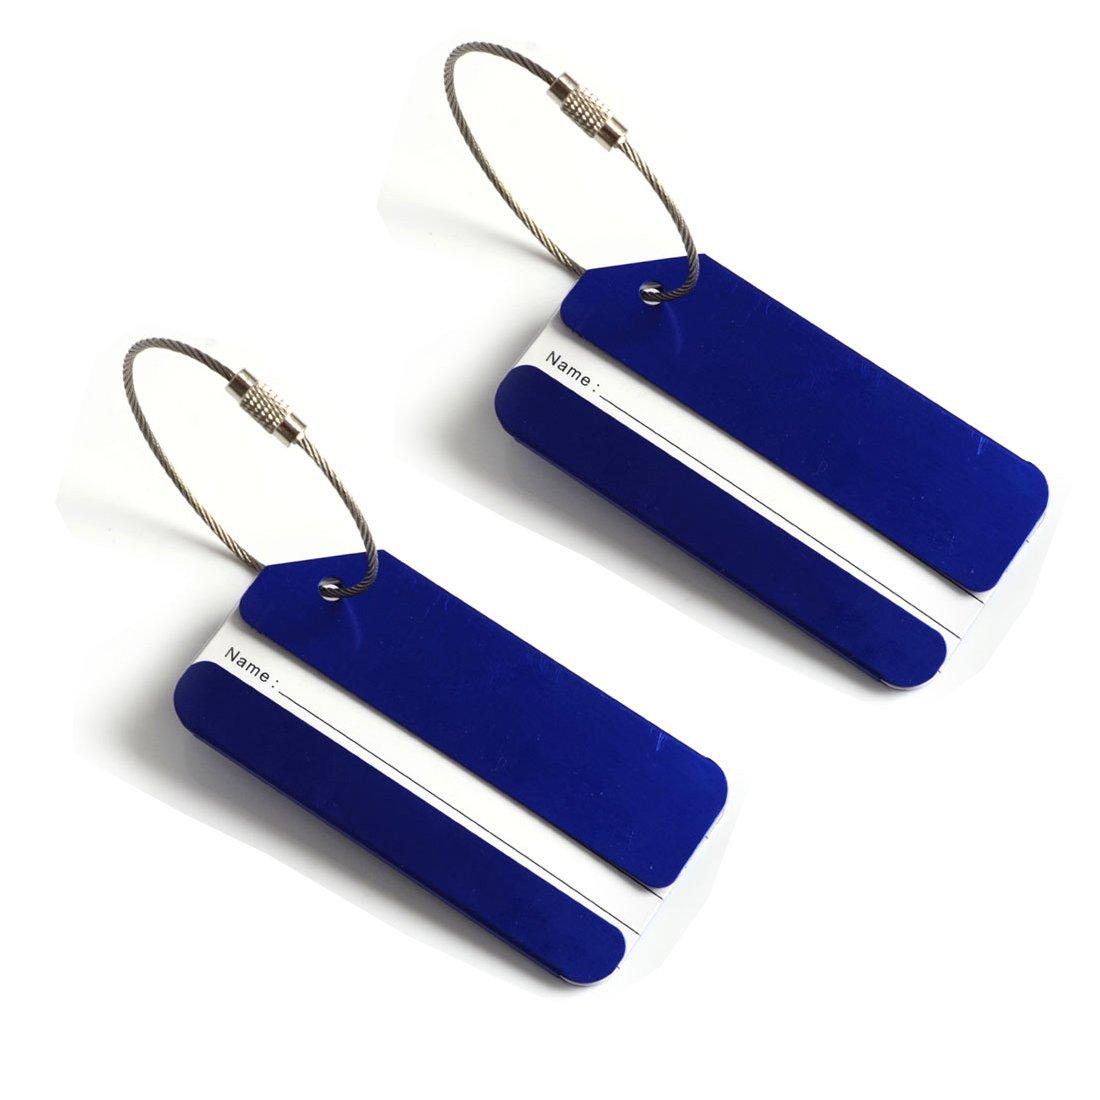 Alohha Lot de 2 /étiquettes didentification de bagage en aluminium avec cha/îne /à vis Orange001